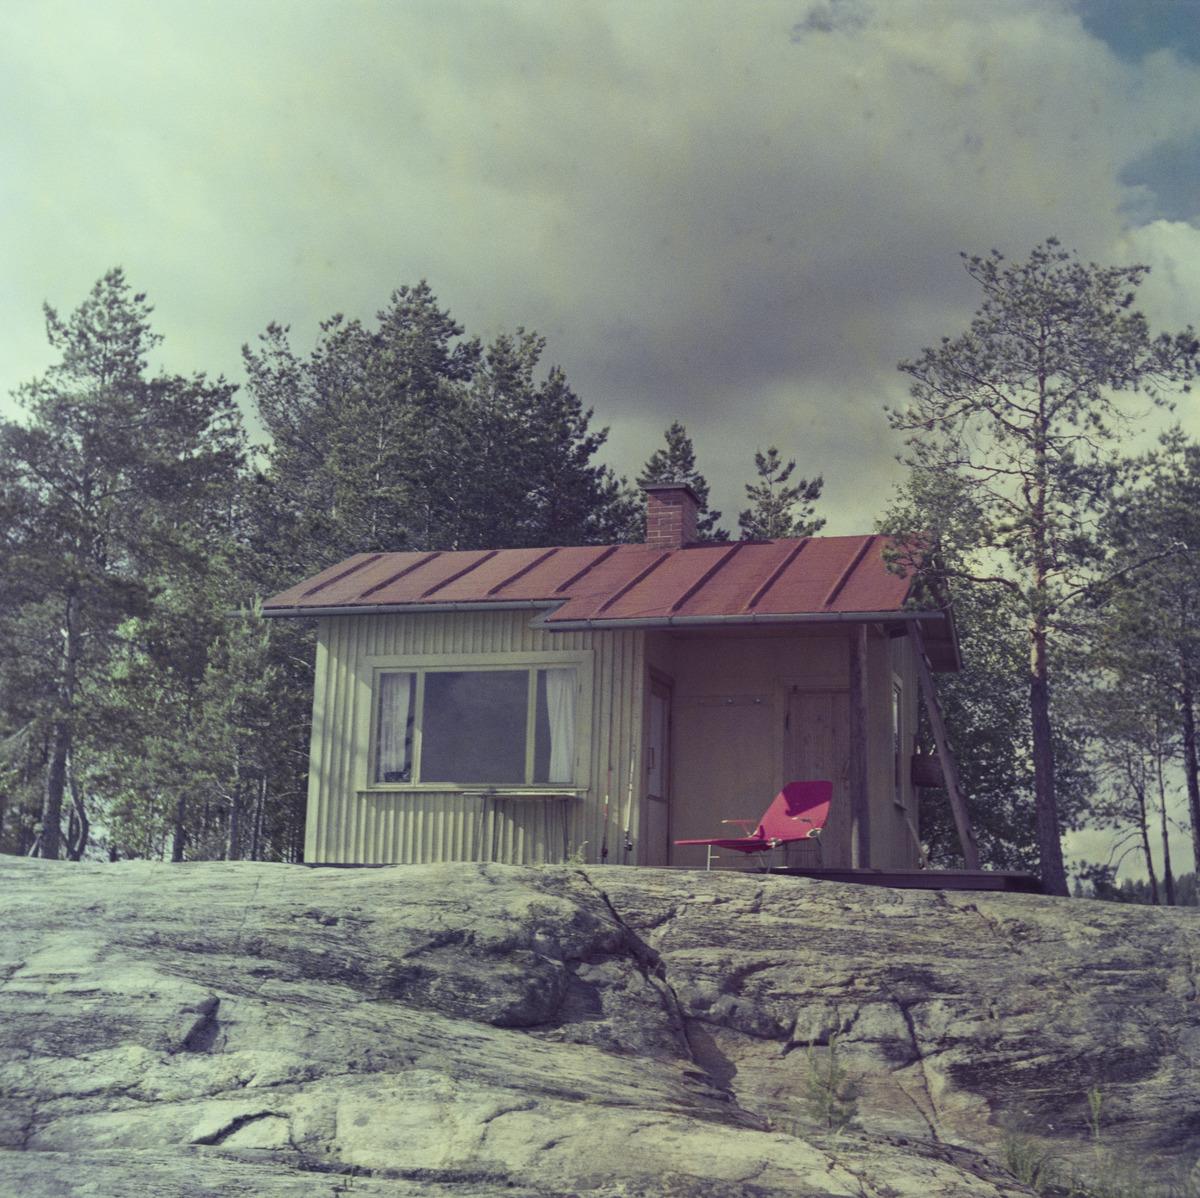 Kesämökki kallioisessa maisemassa.